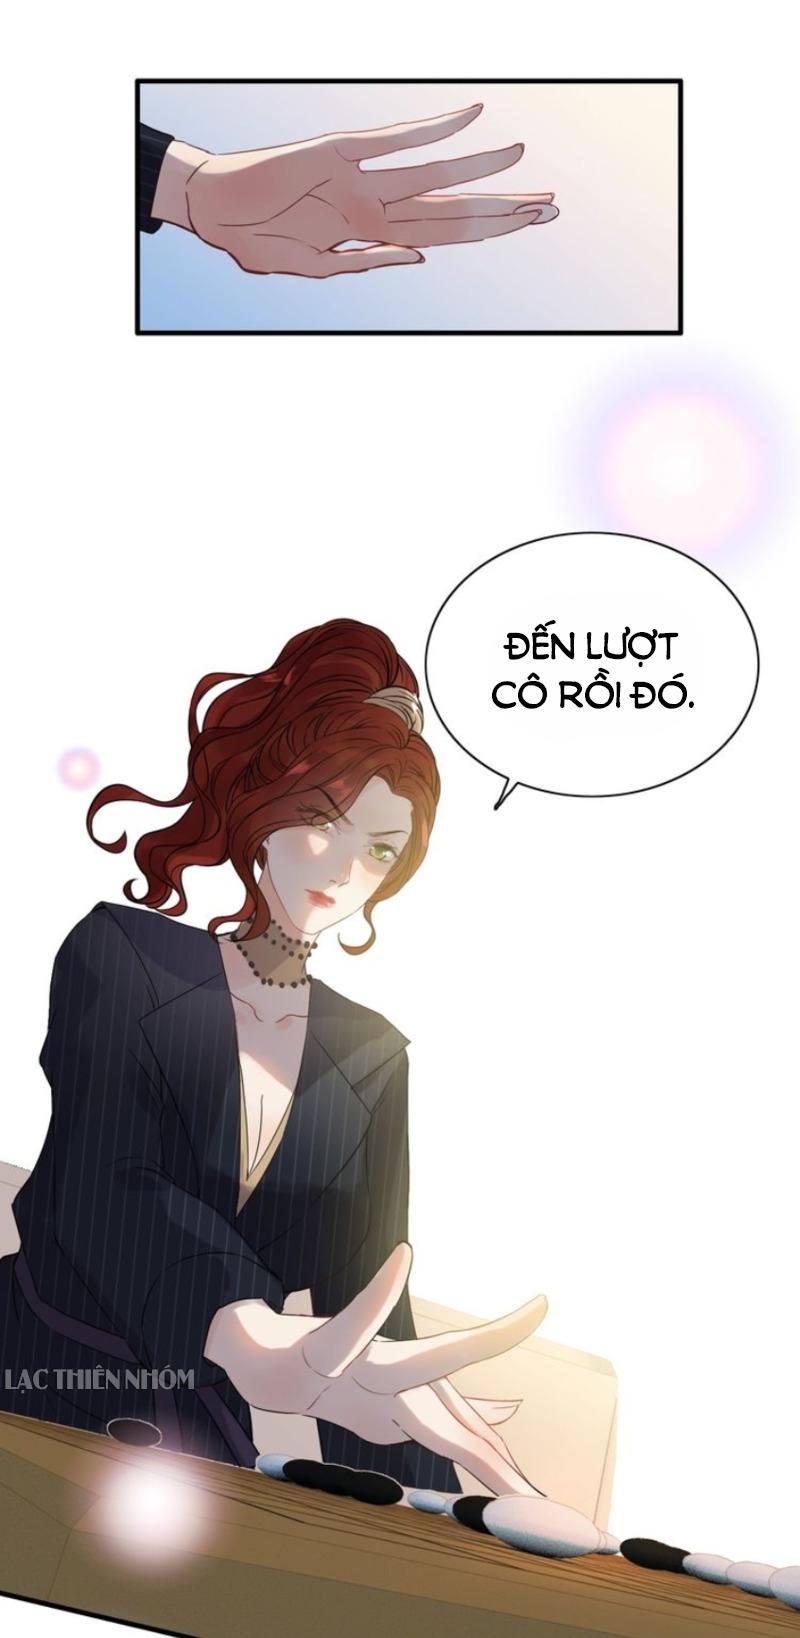 Cô Vợ Hợp Đồng Bỏ Trốn Của Tổng Giám Đốc chap 173 - Trang 3